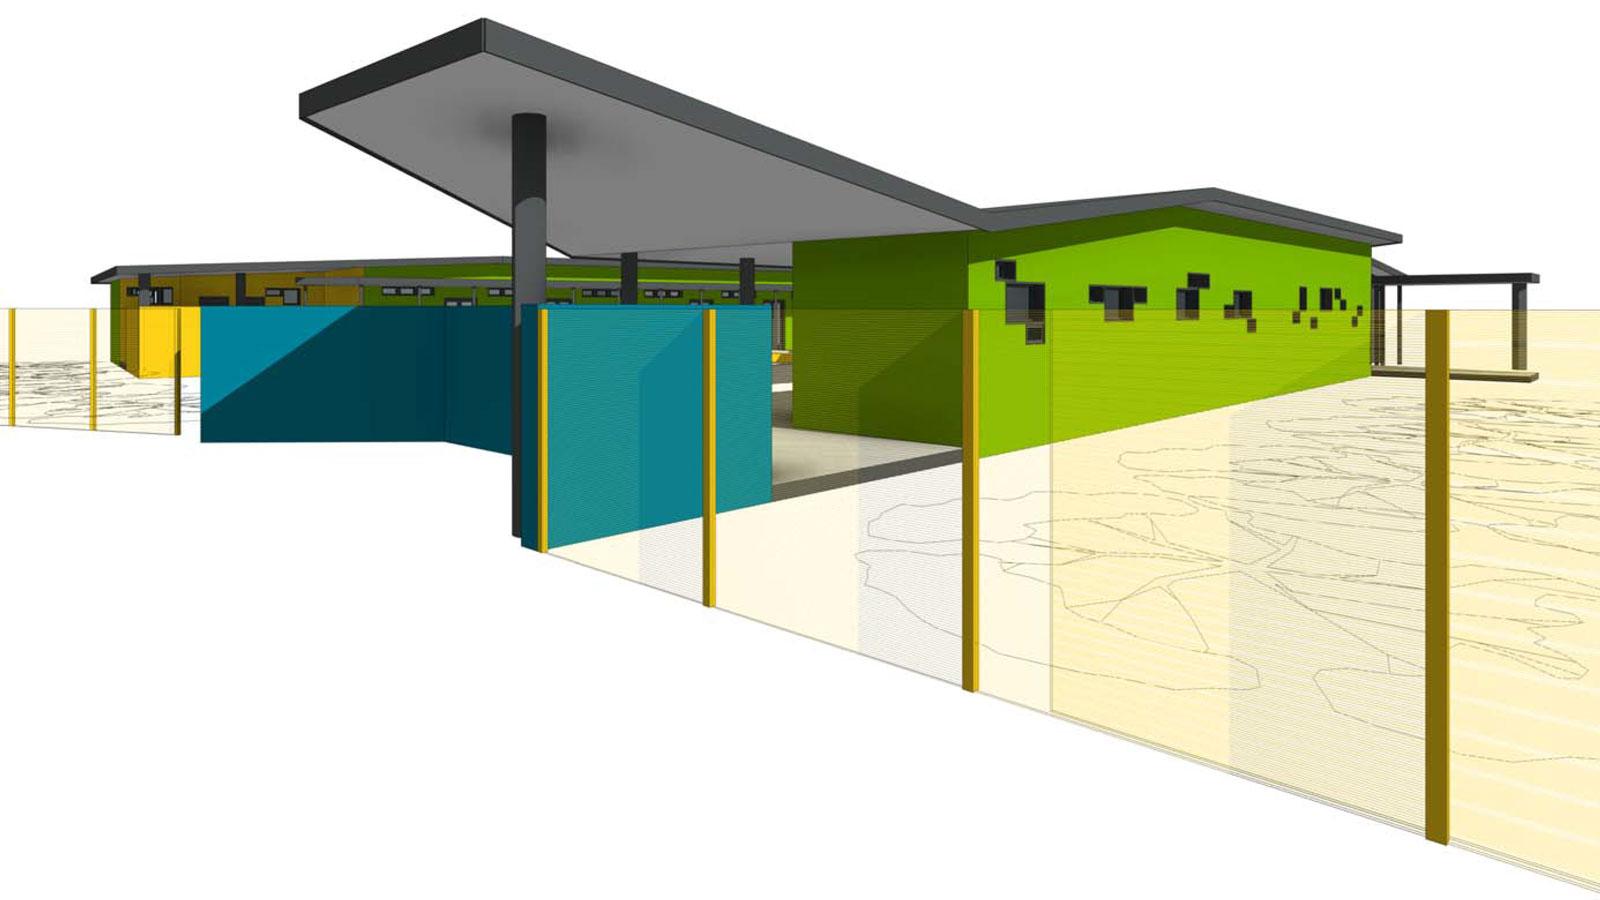 nieuwoudt-architects-communit-projects-alexandra-altech-2